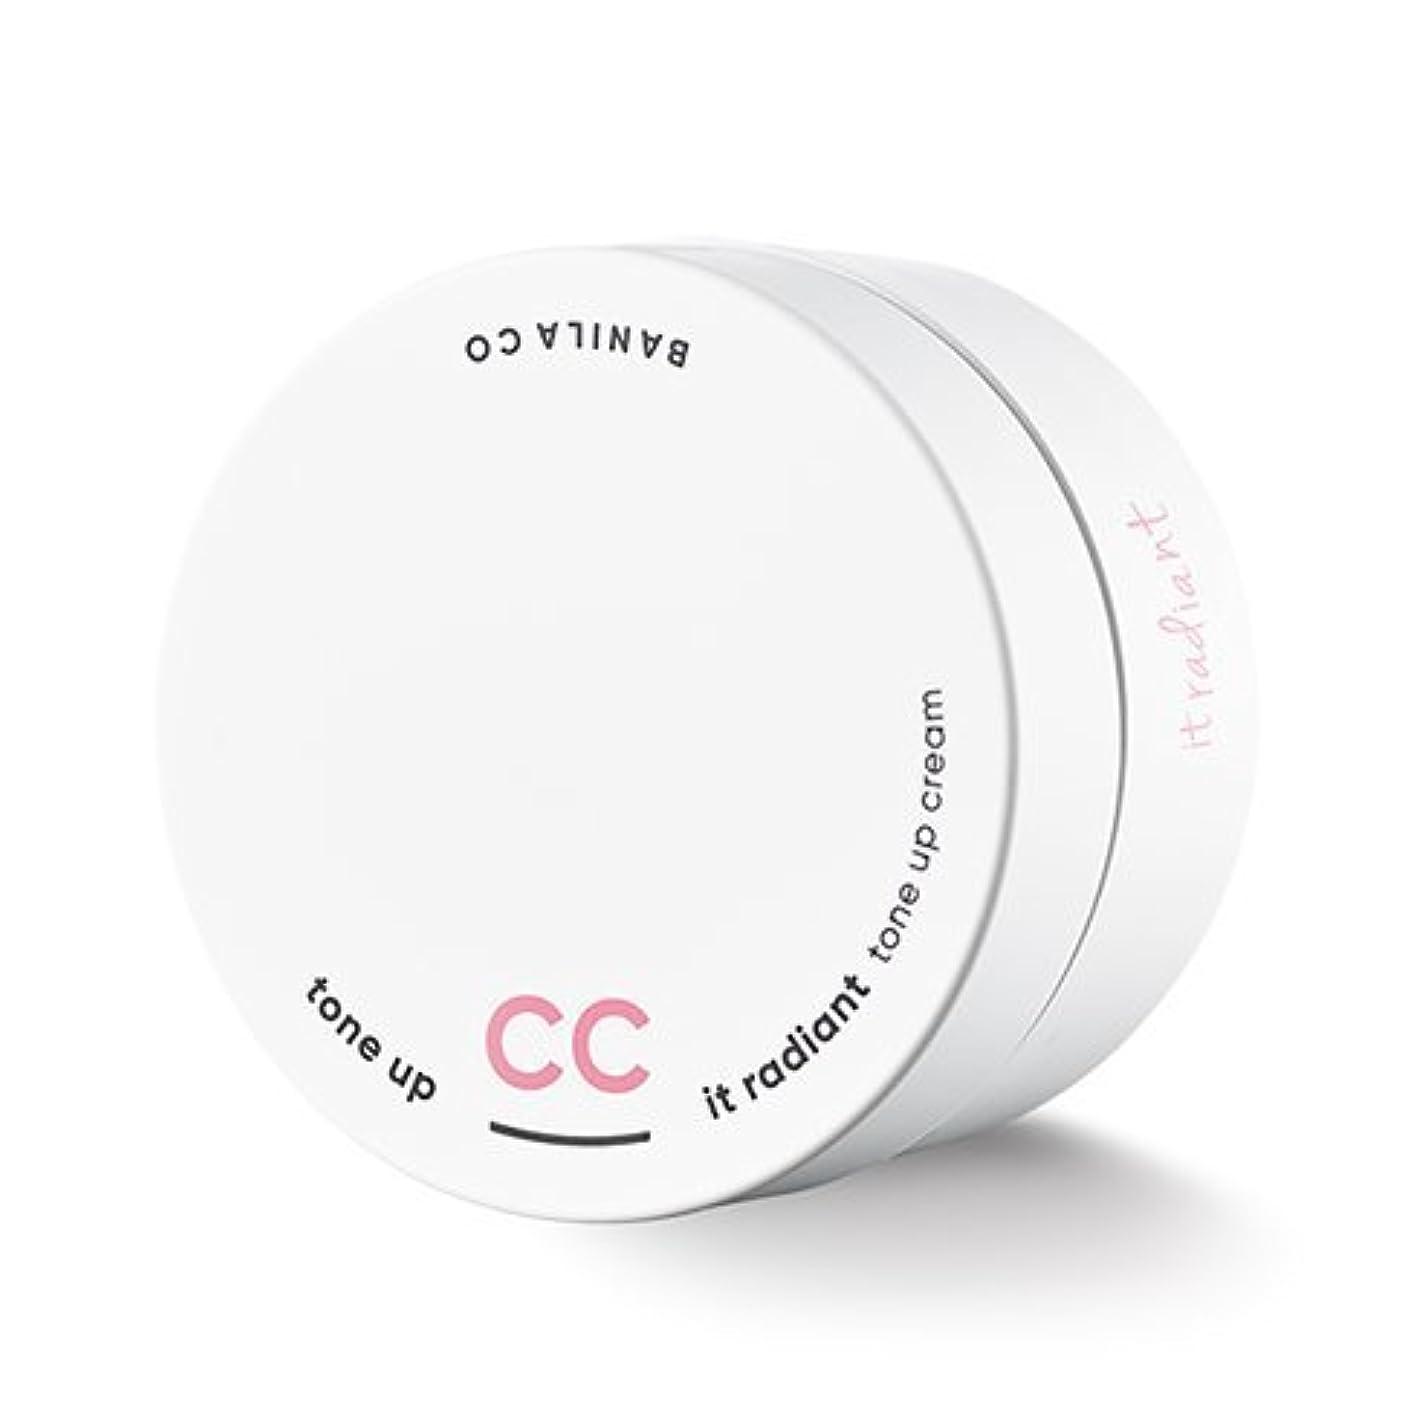 ジョージバーナード倫理法医学BANILA CO It Radiant CC Tone Up Cream 50ml/バニラコ イット ラディアント CC トーンアップ クリーム 50ml [並行輸入品]